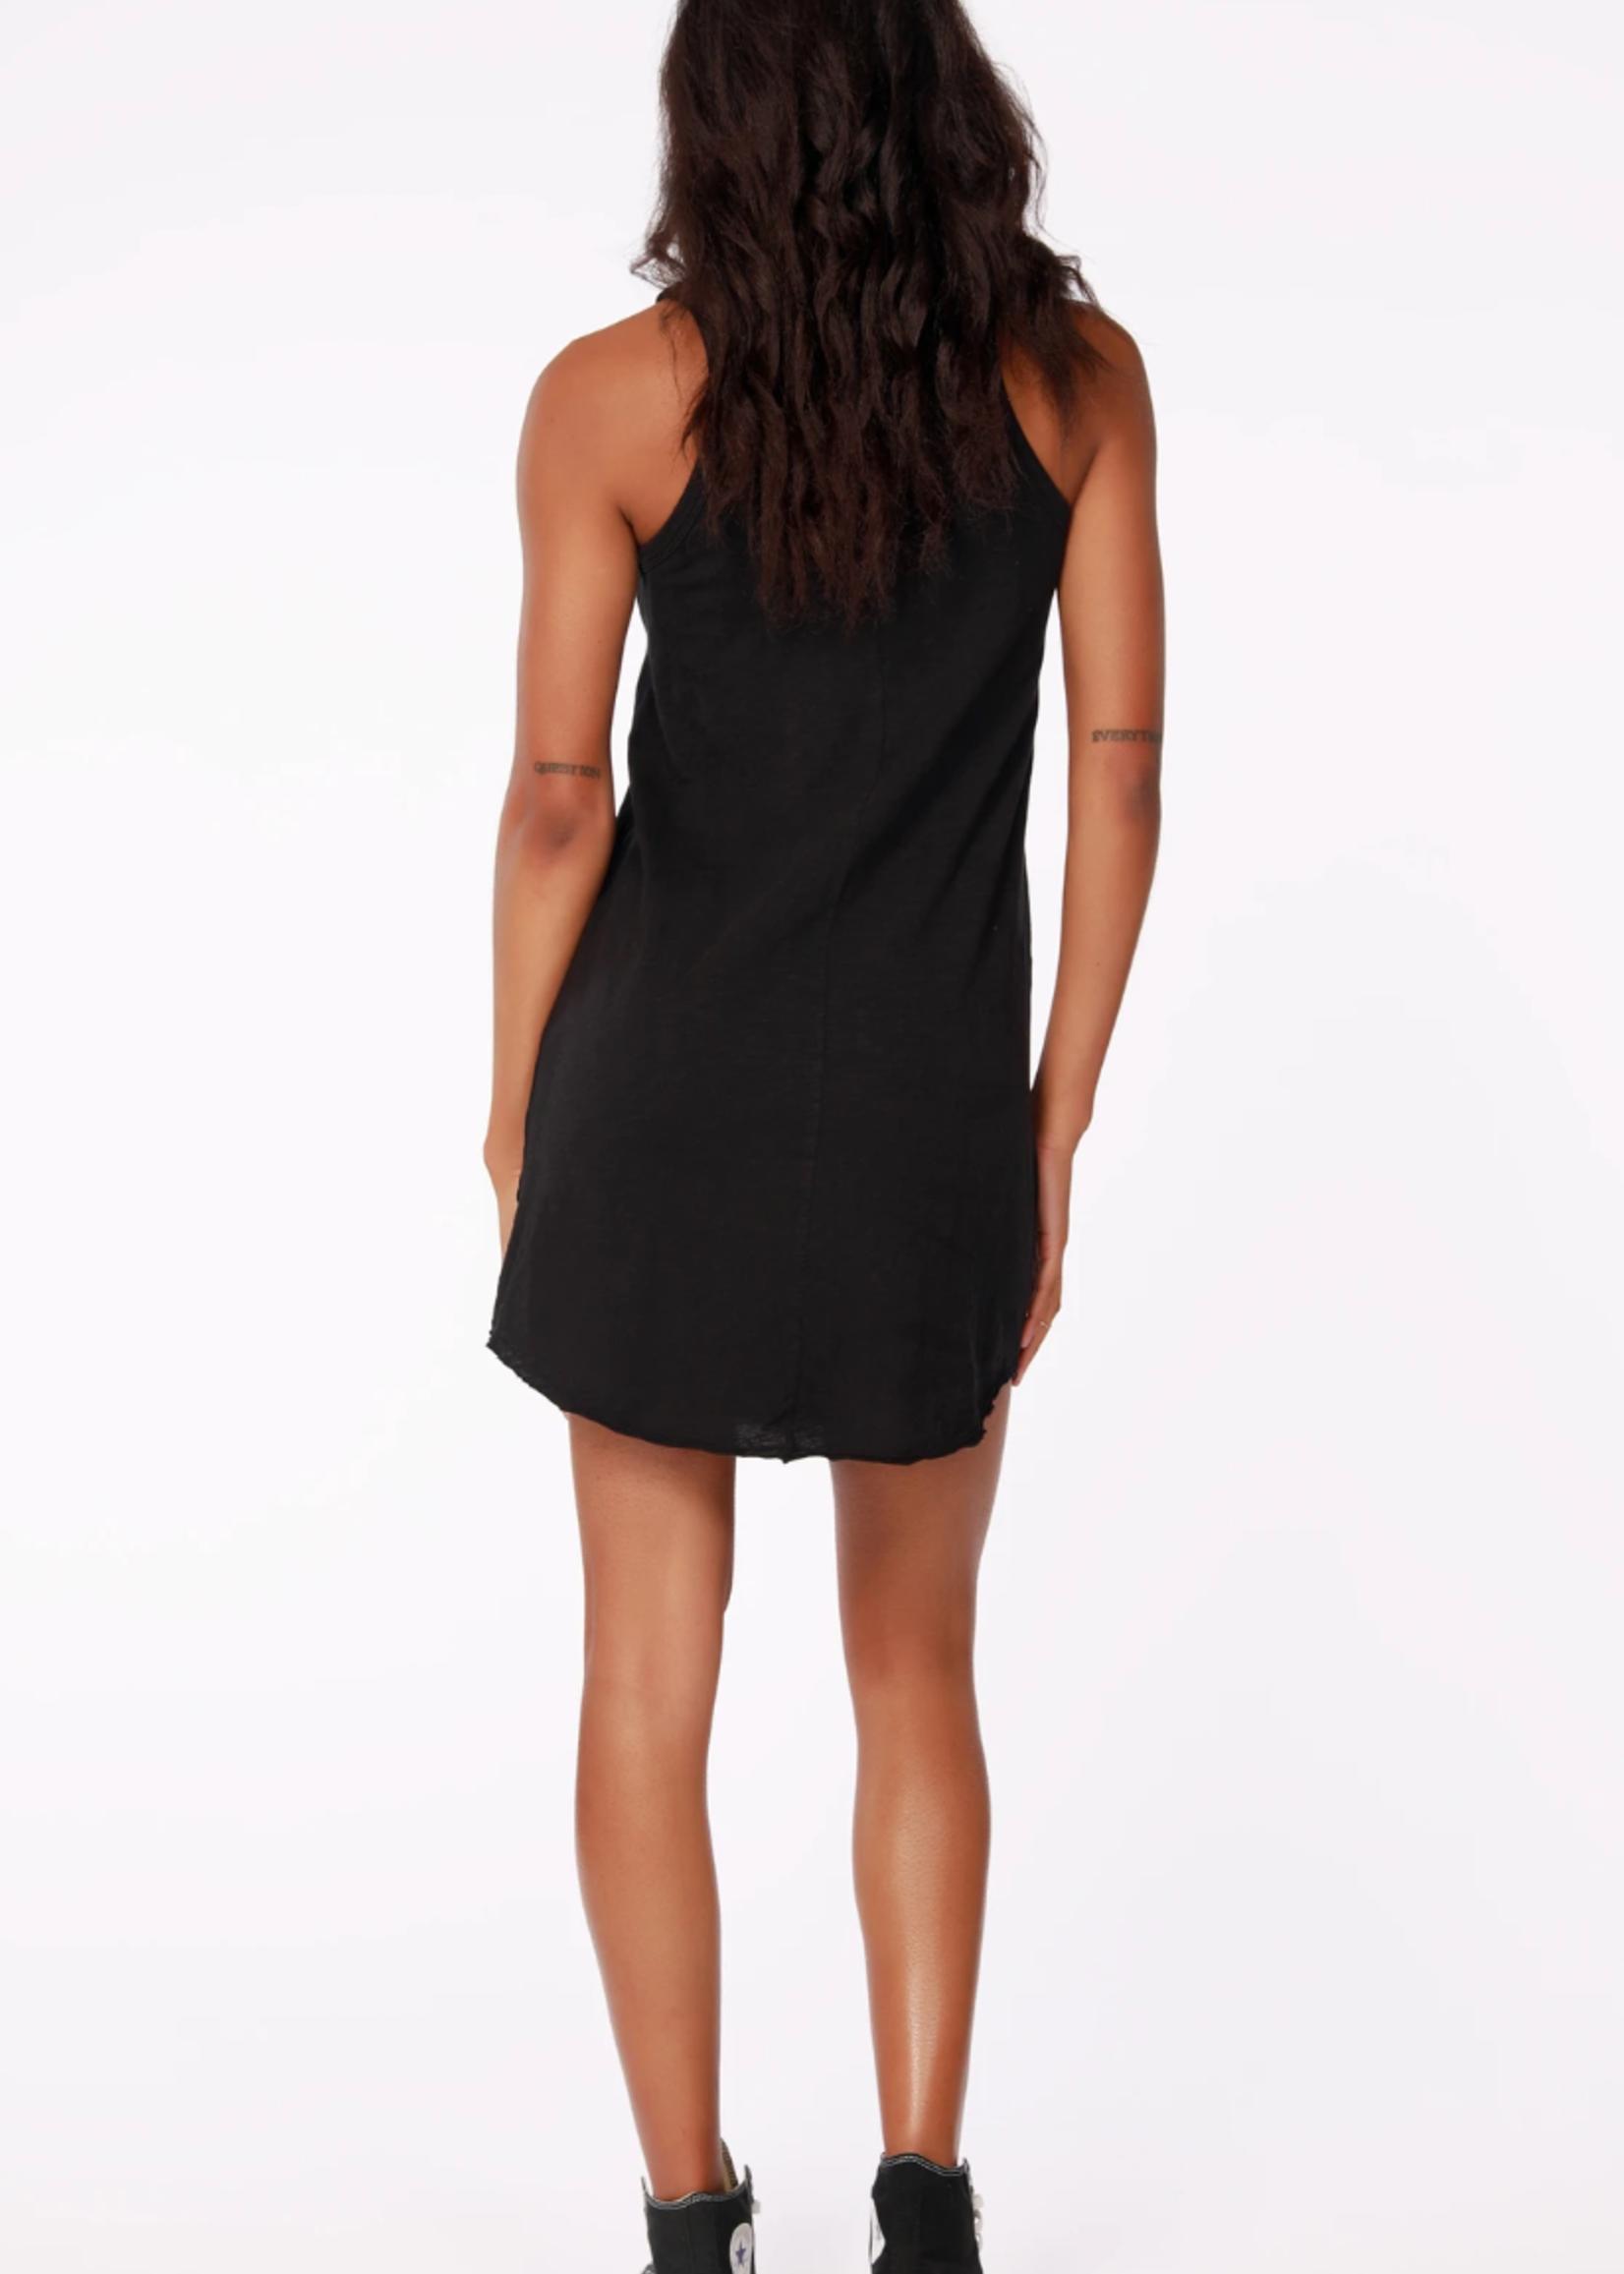 Bobi Henley Tank Dress - Black